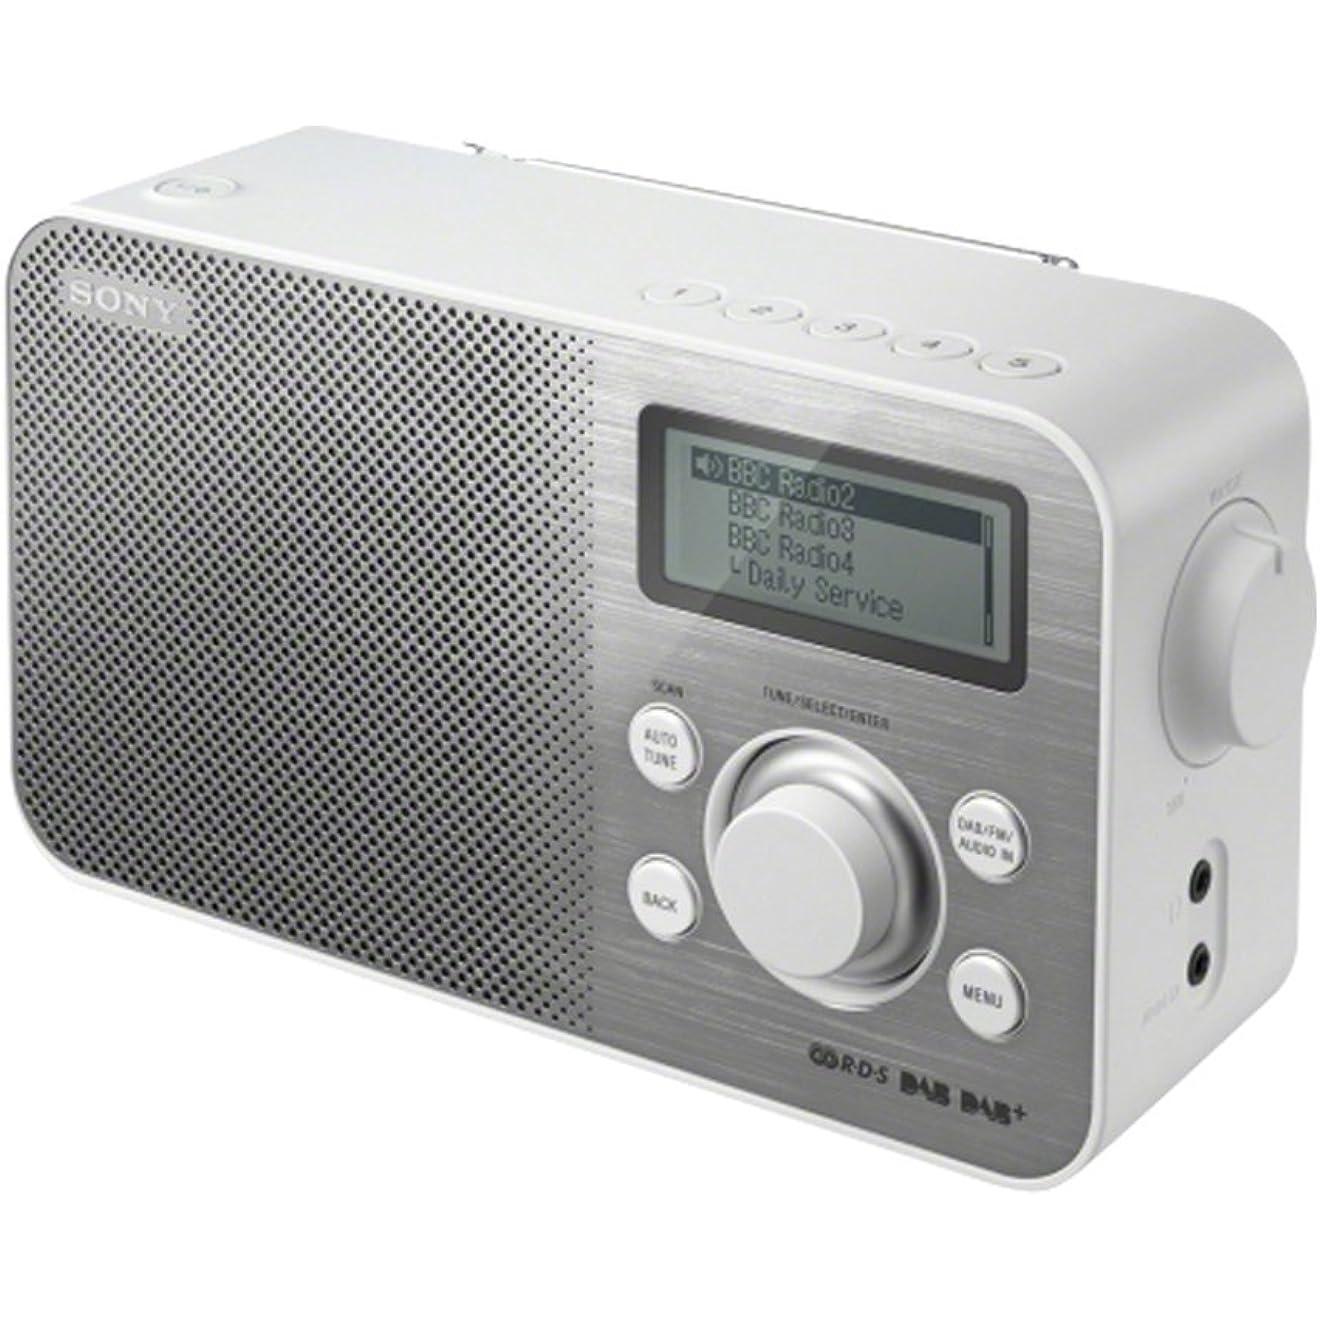 Ein gutes Digitalradio finden Sie unter anderem bei dem Hersteller Sony.